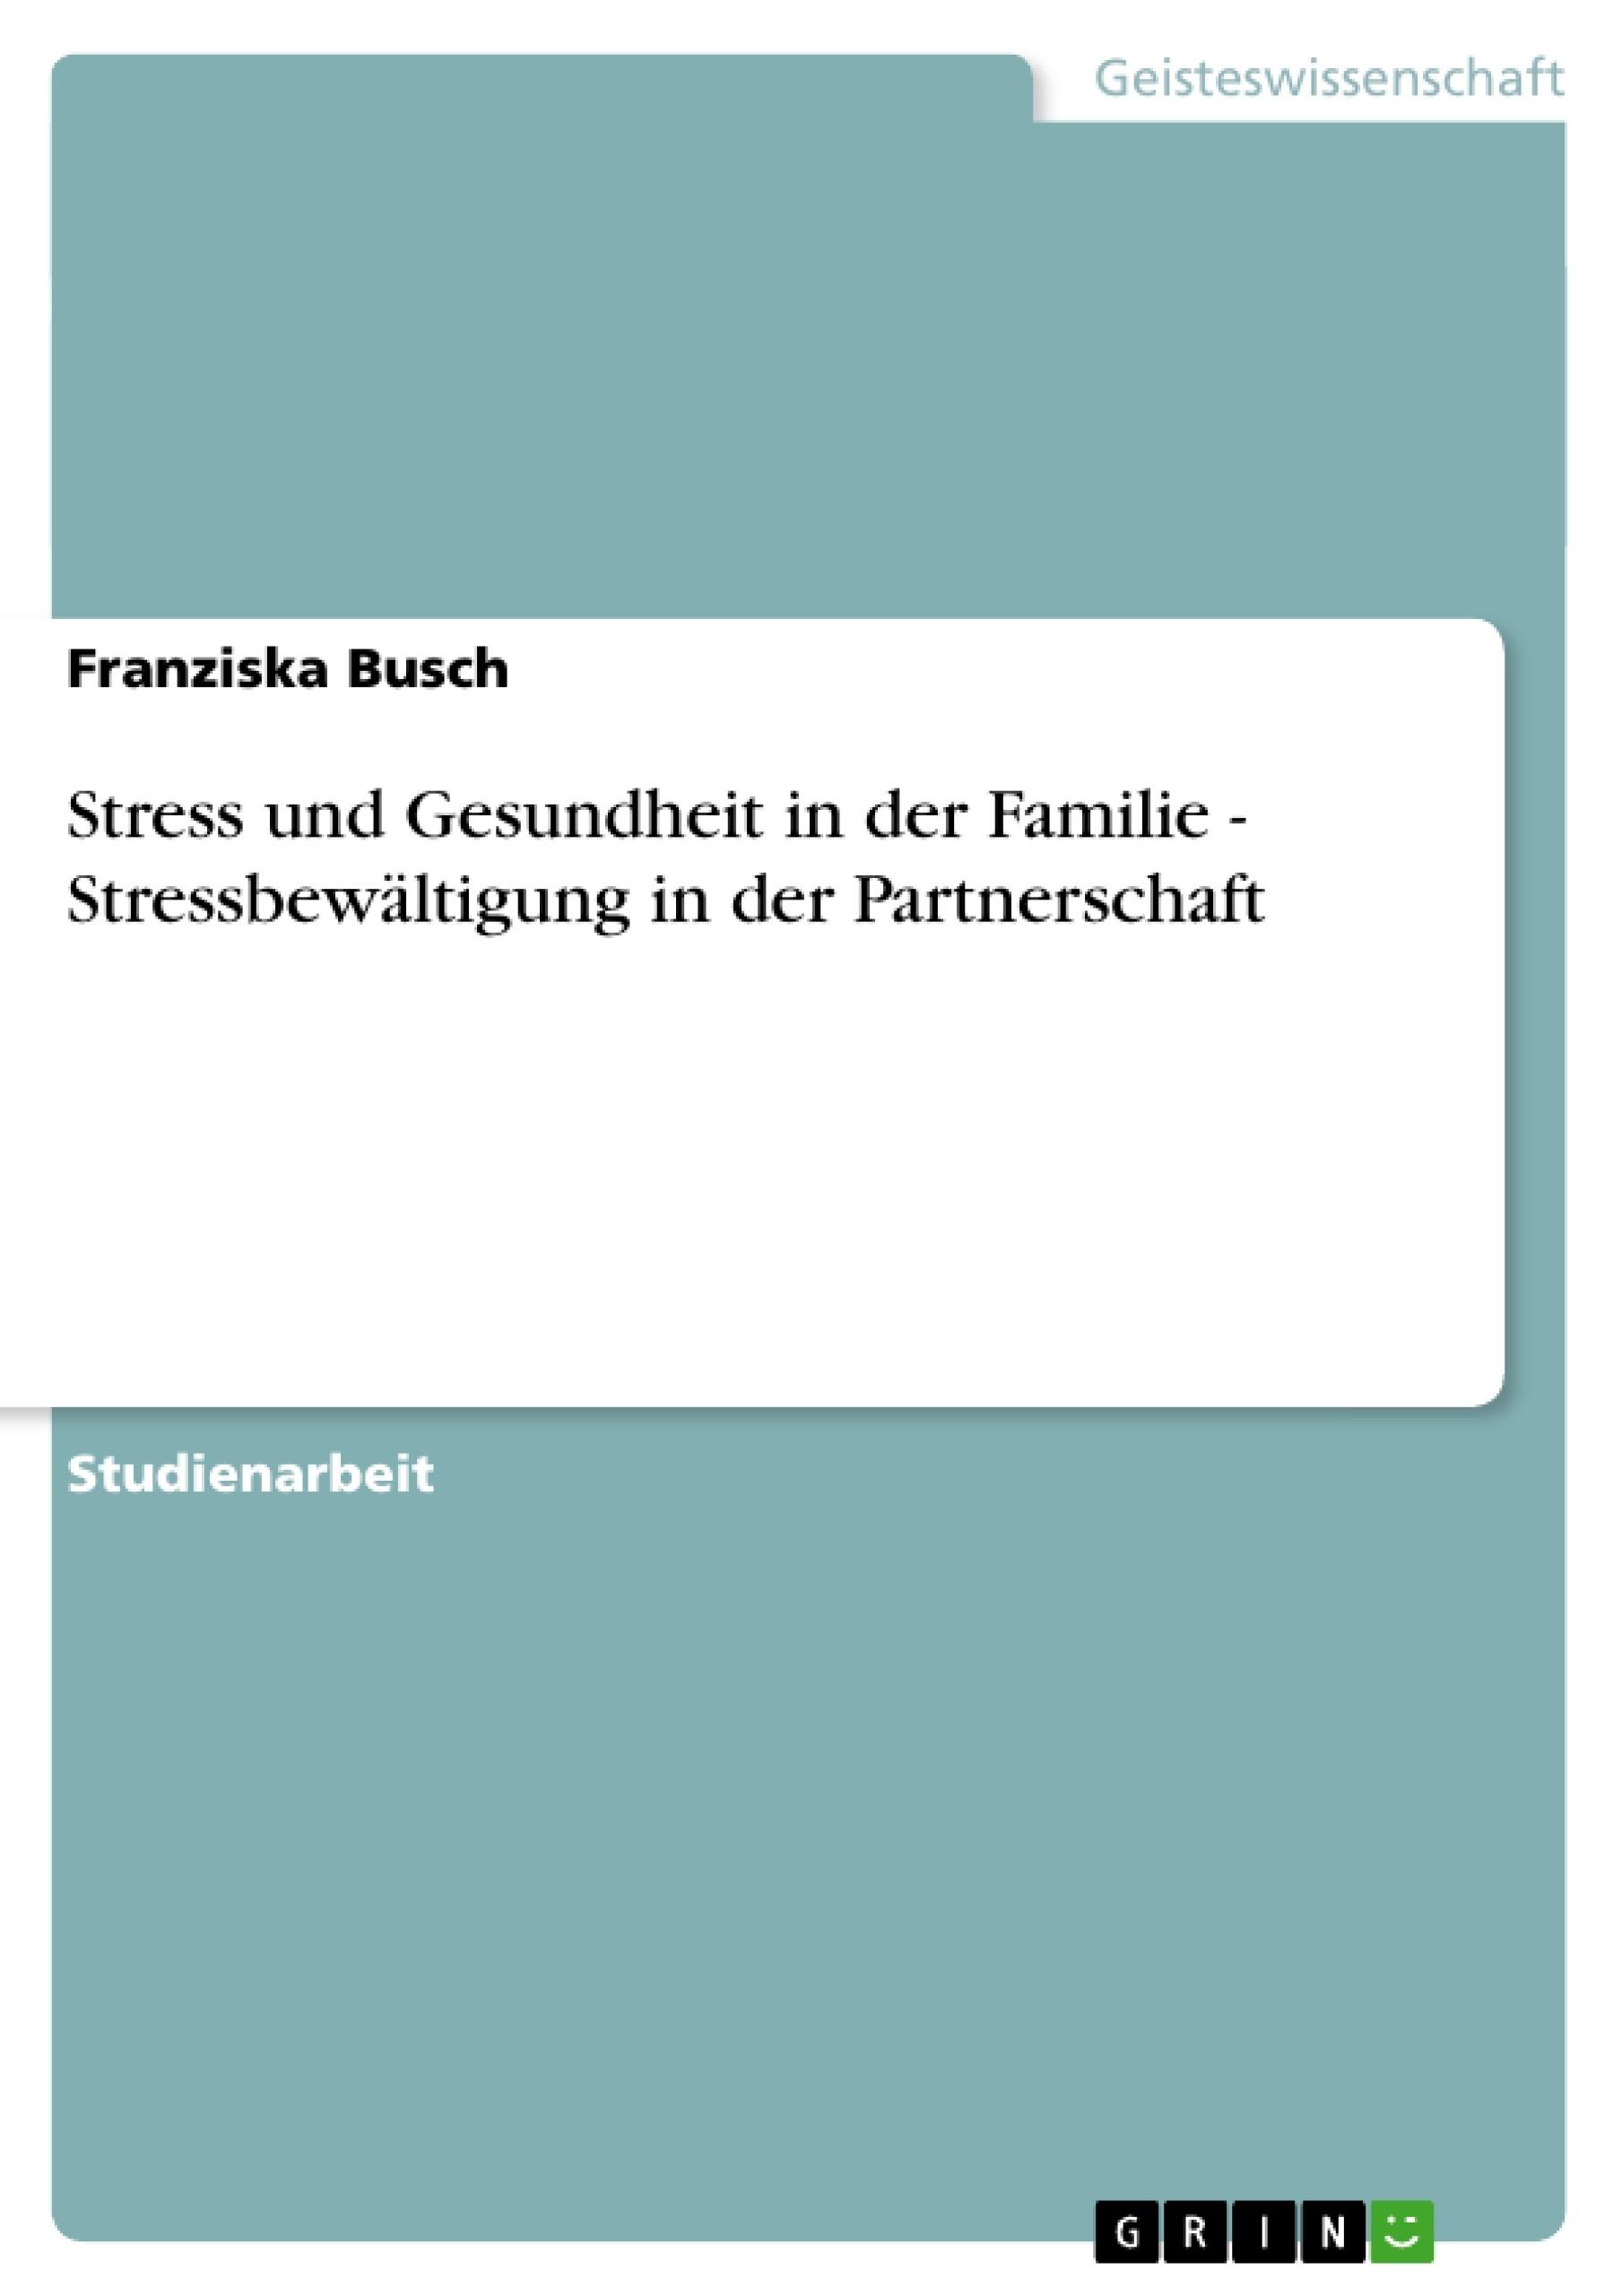 Titel: Stress und Gesundheit in der Familie  -  Stressbewältigung in der Partnerschaft